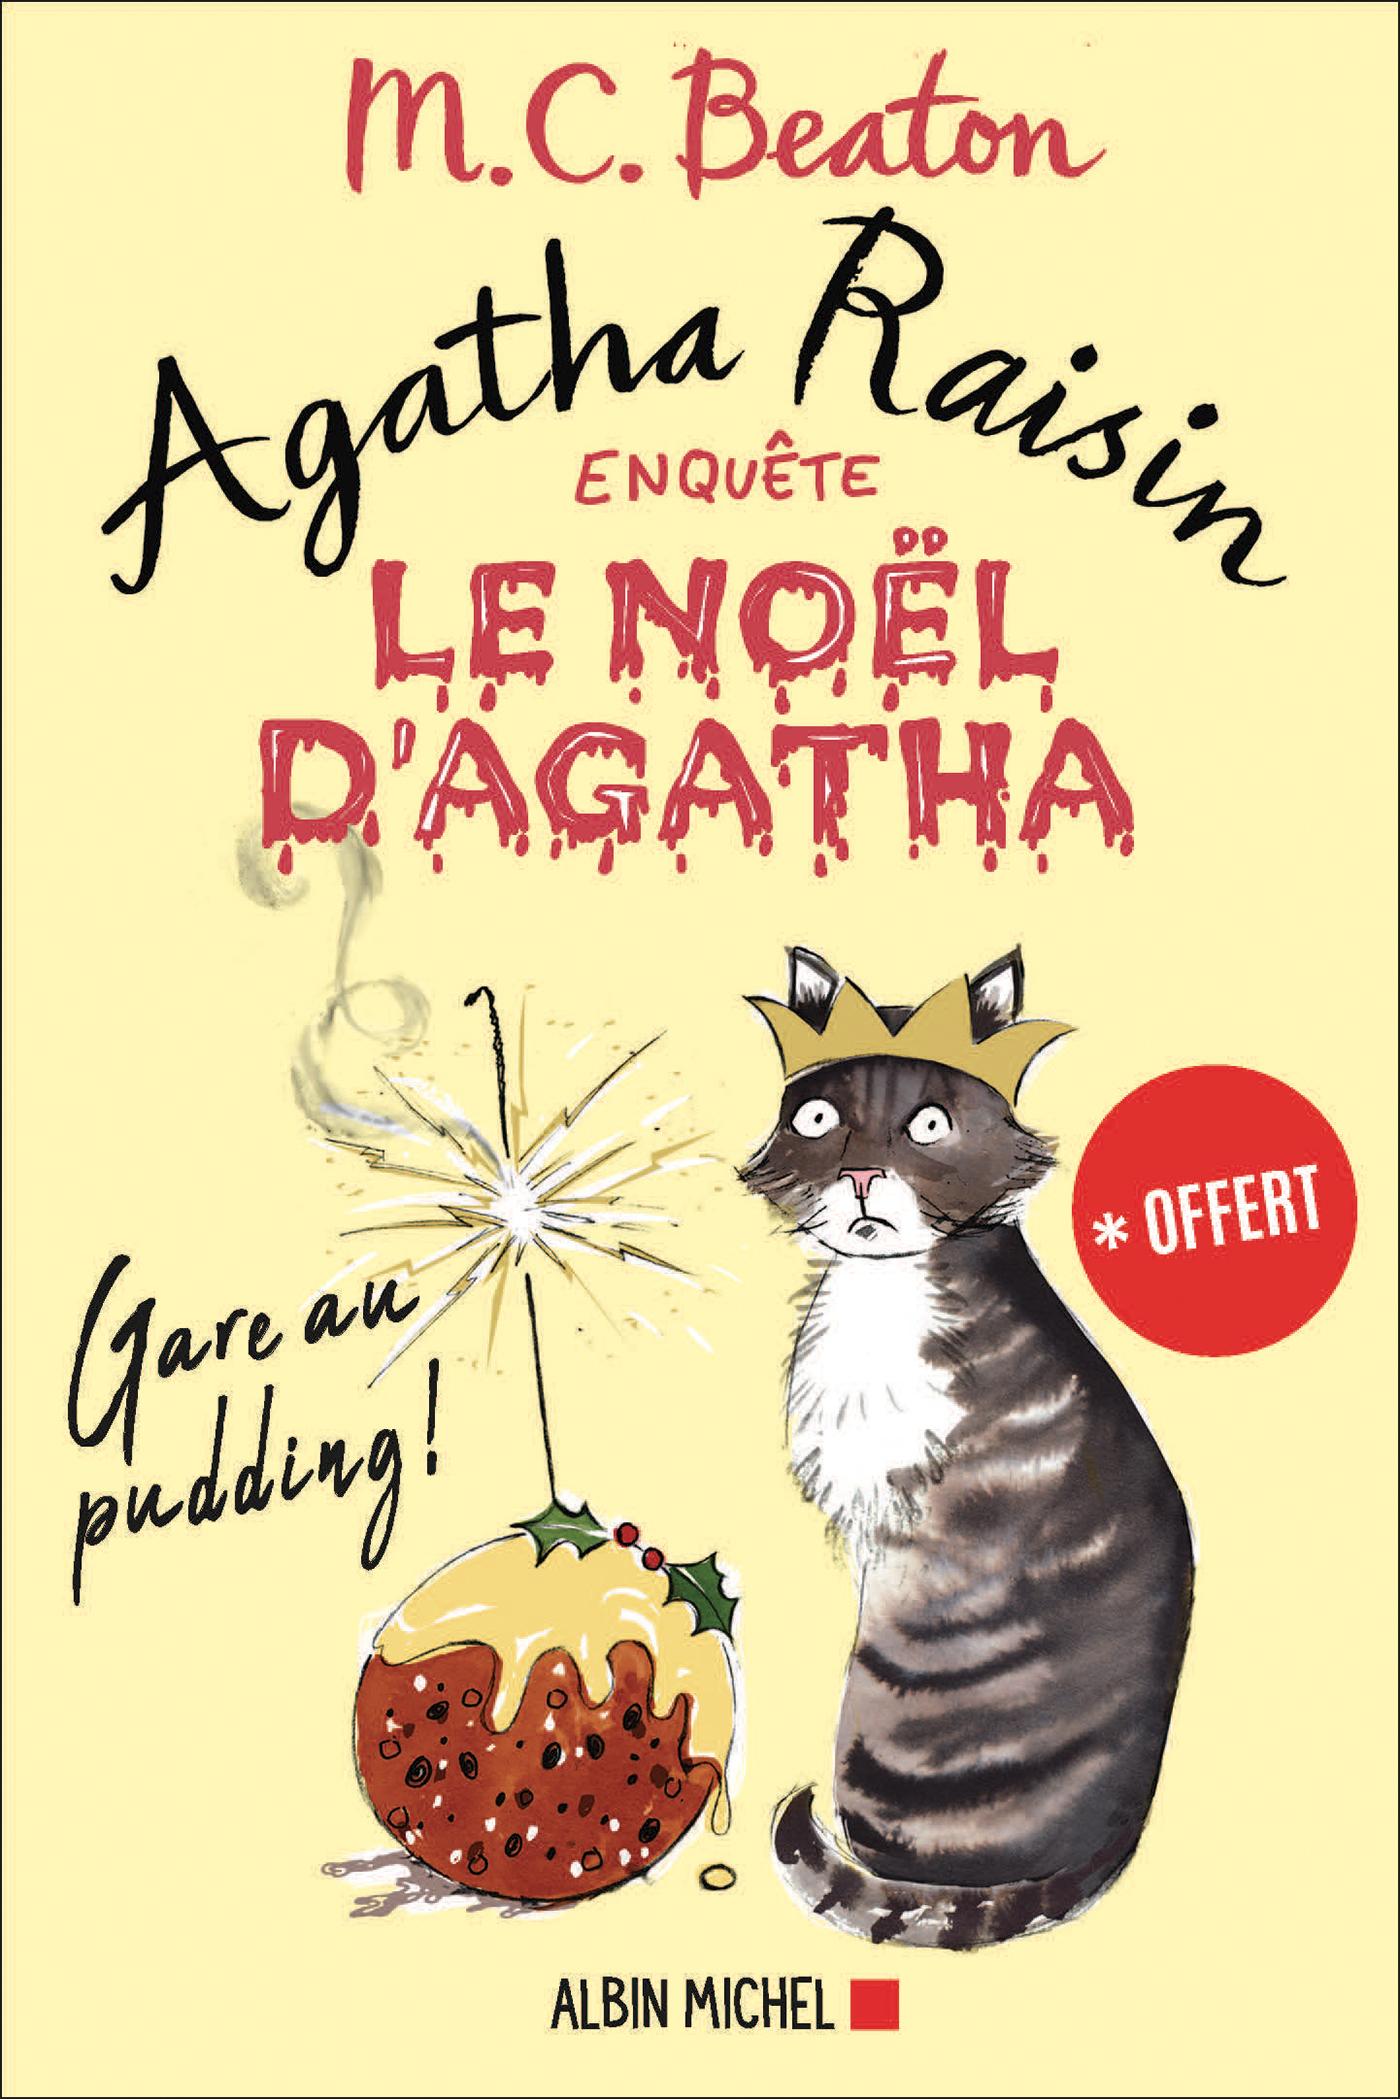 Le Noël d'Agatha - nouvelle inédite Agatha Raisin | Beaton, M. C.. Auteur